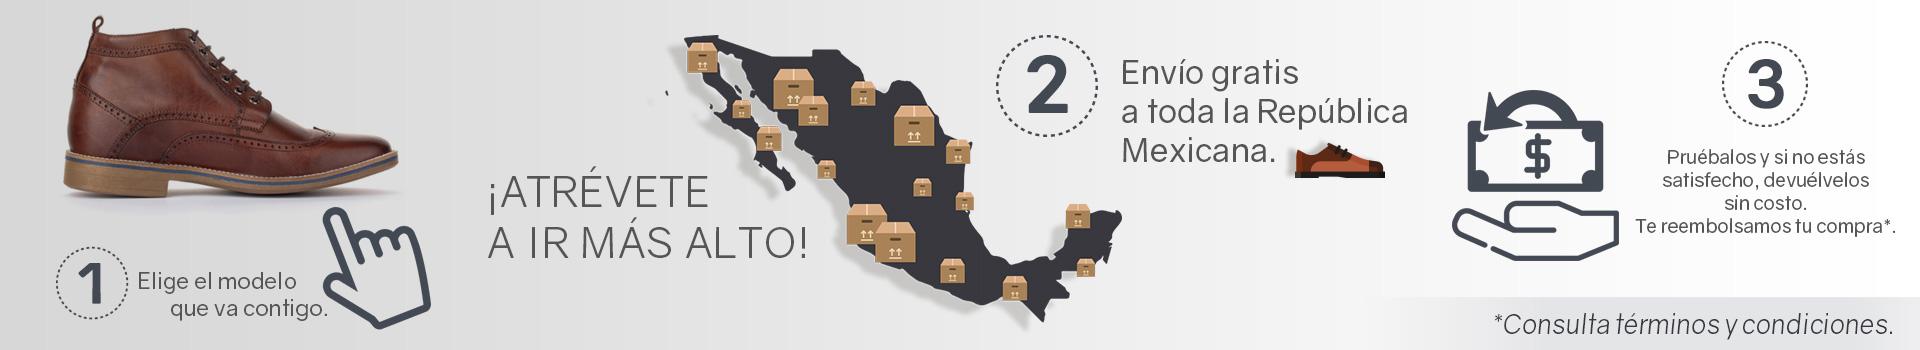 Max Denegri México envío gratis a todo México